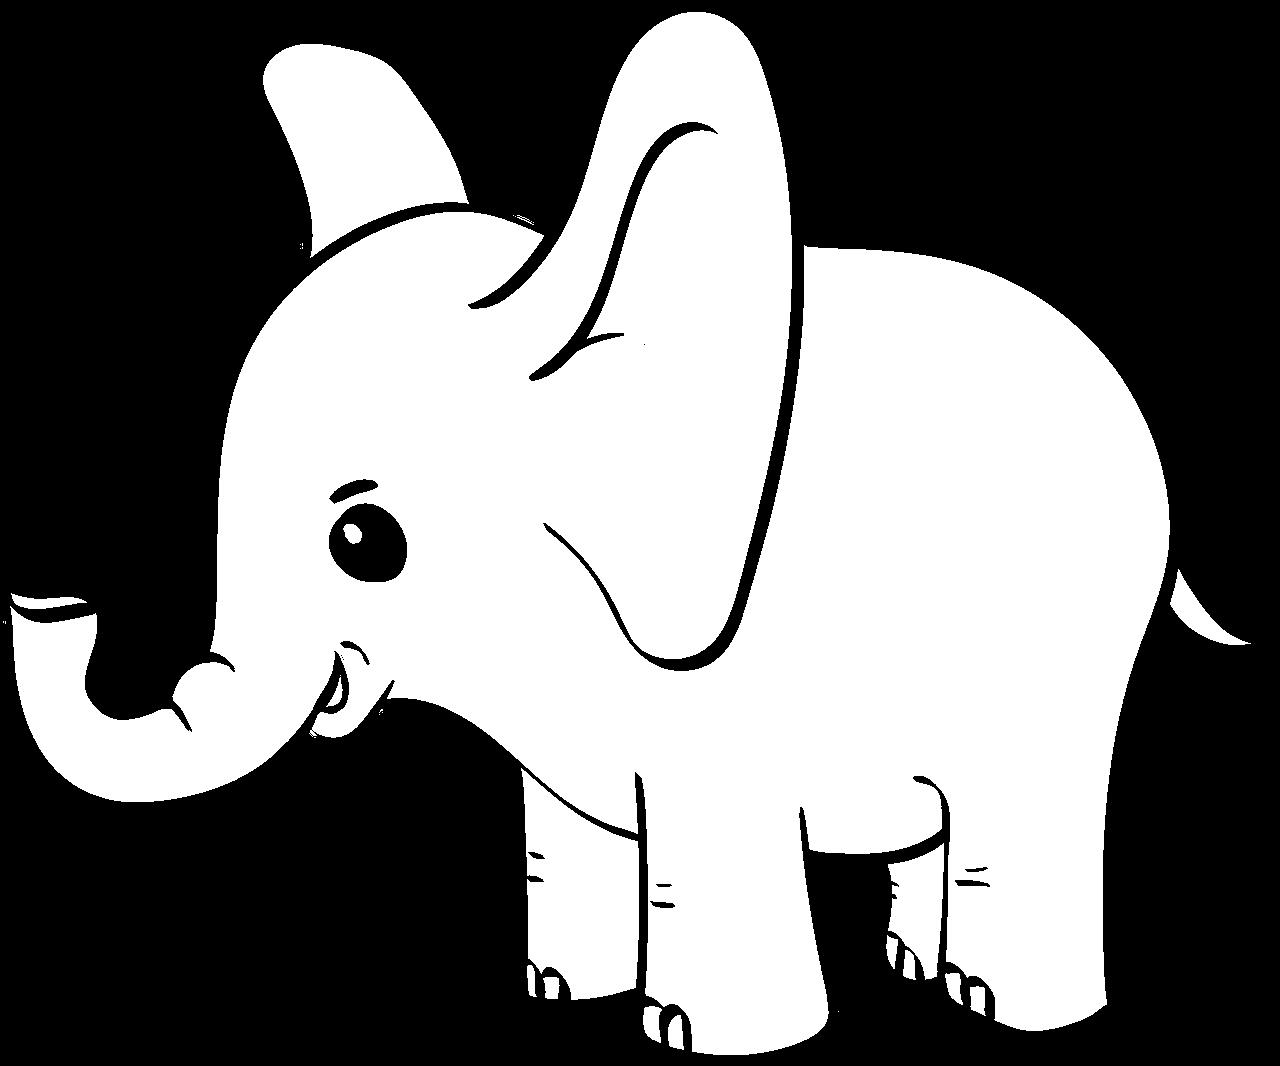 Kawaii Stil Elefant Malvorlagen Fur Kinder